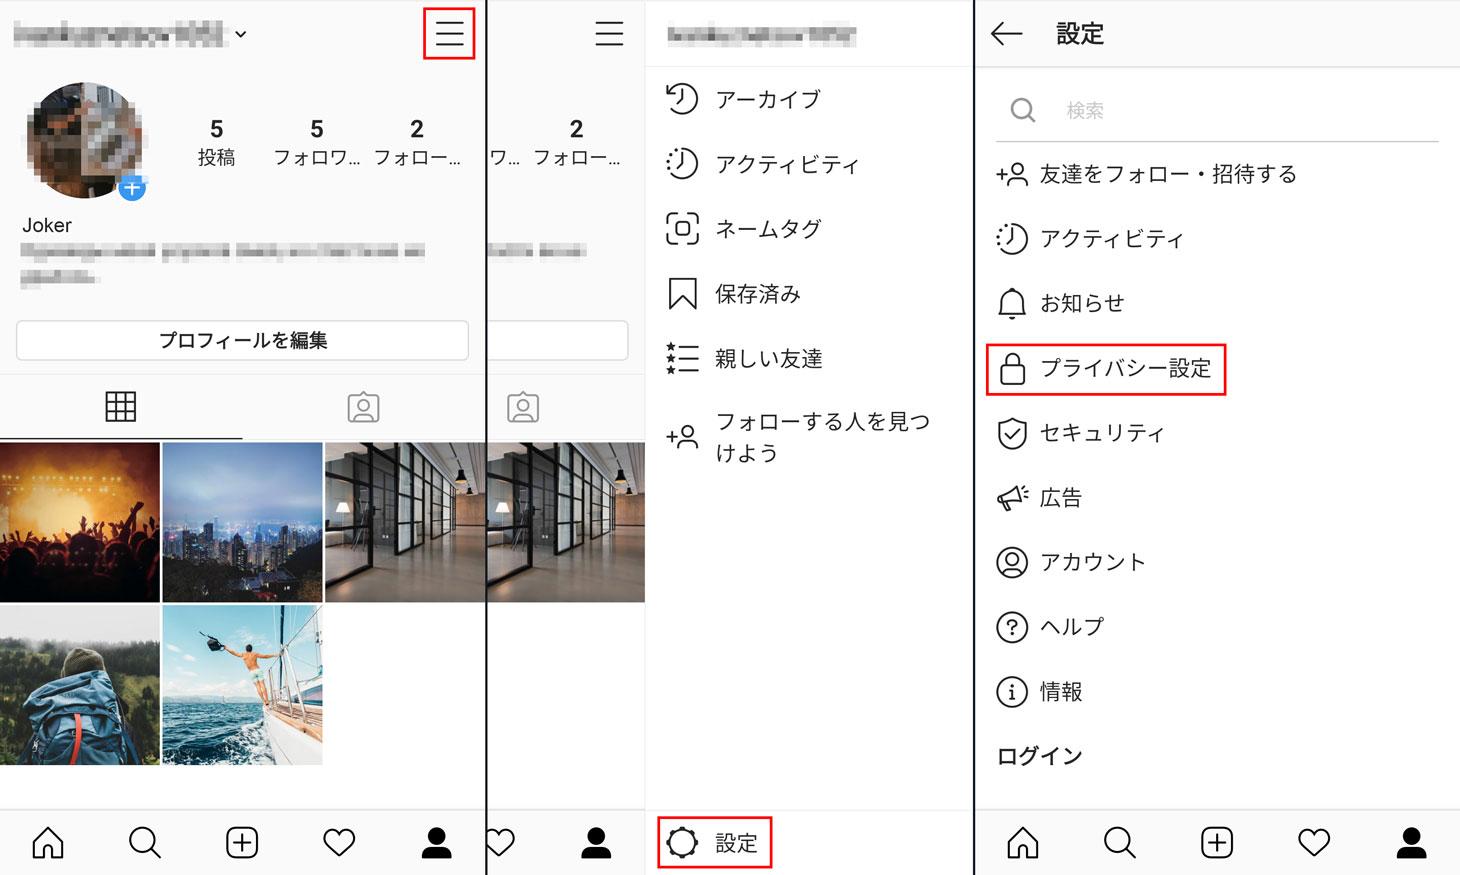 Instagramのプライバシー設定の場所